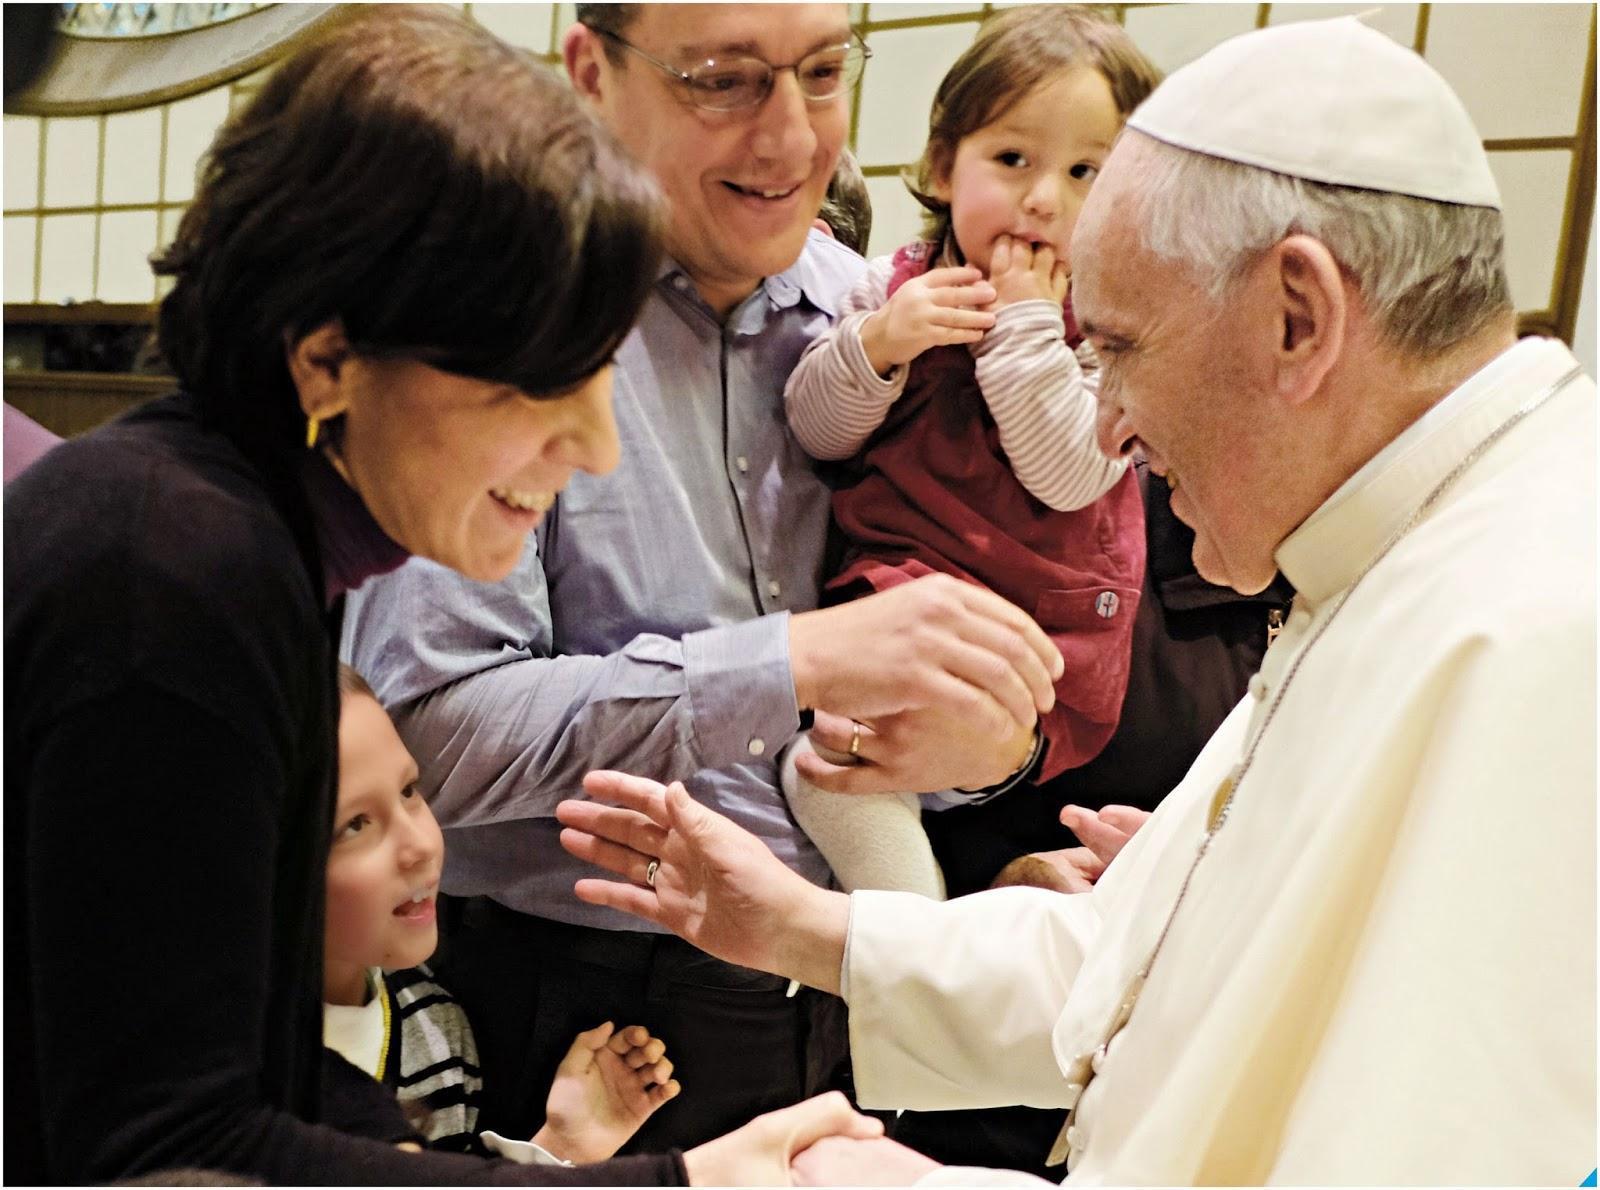 Francesco incontra famiglia